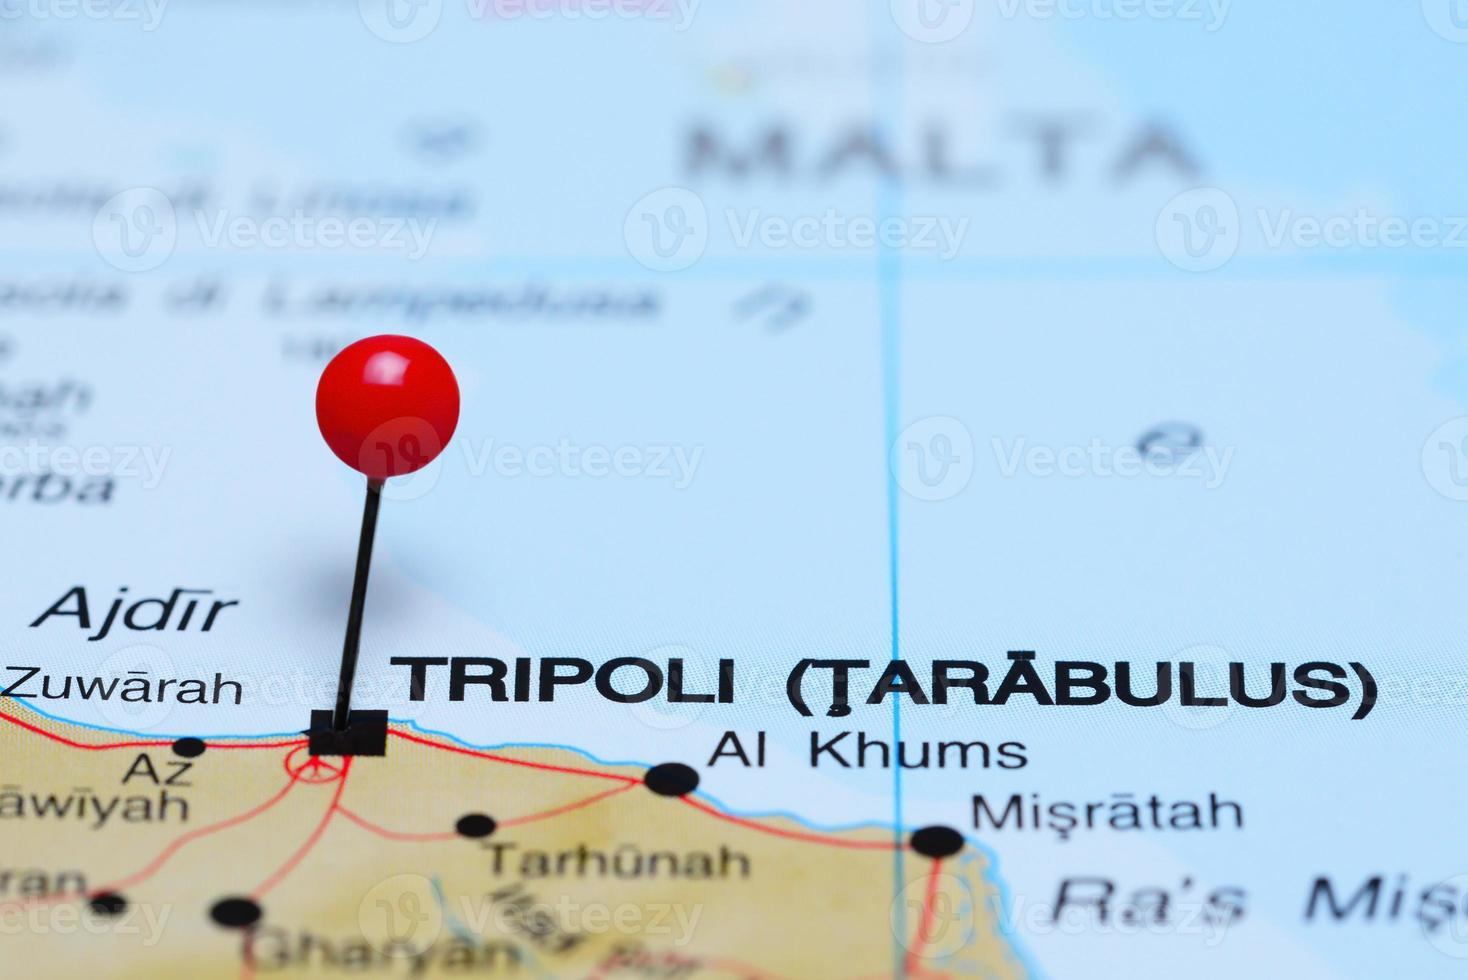 Tripoli coincé sur une carte de l'Afrique photo